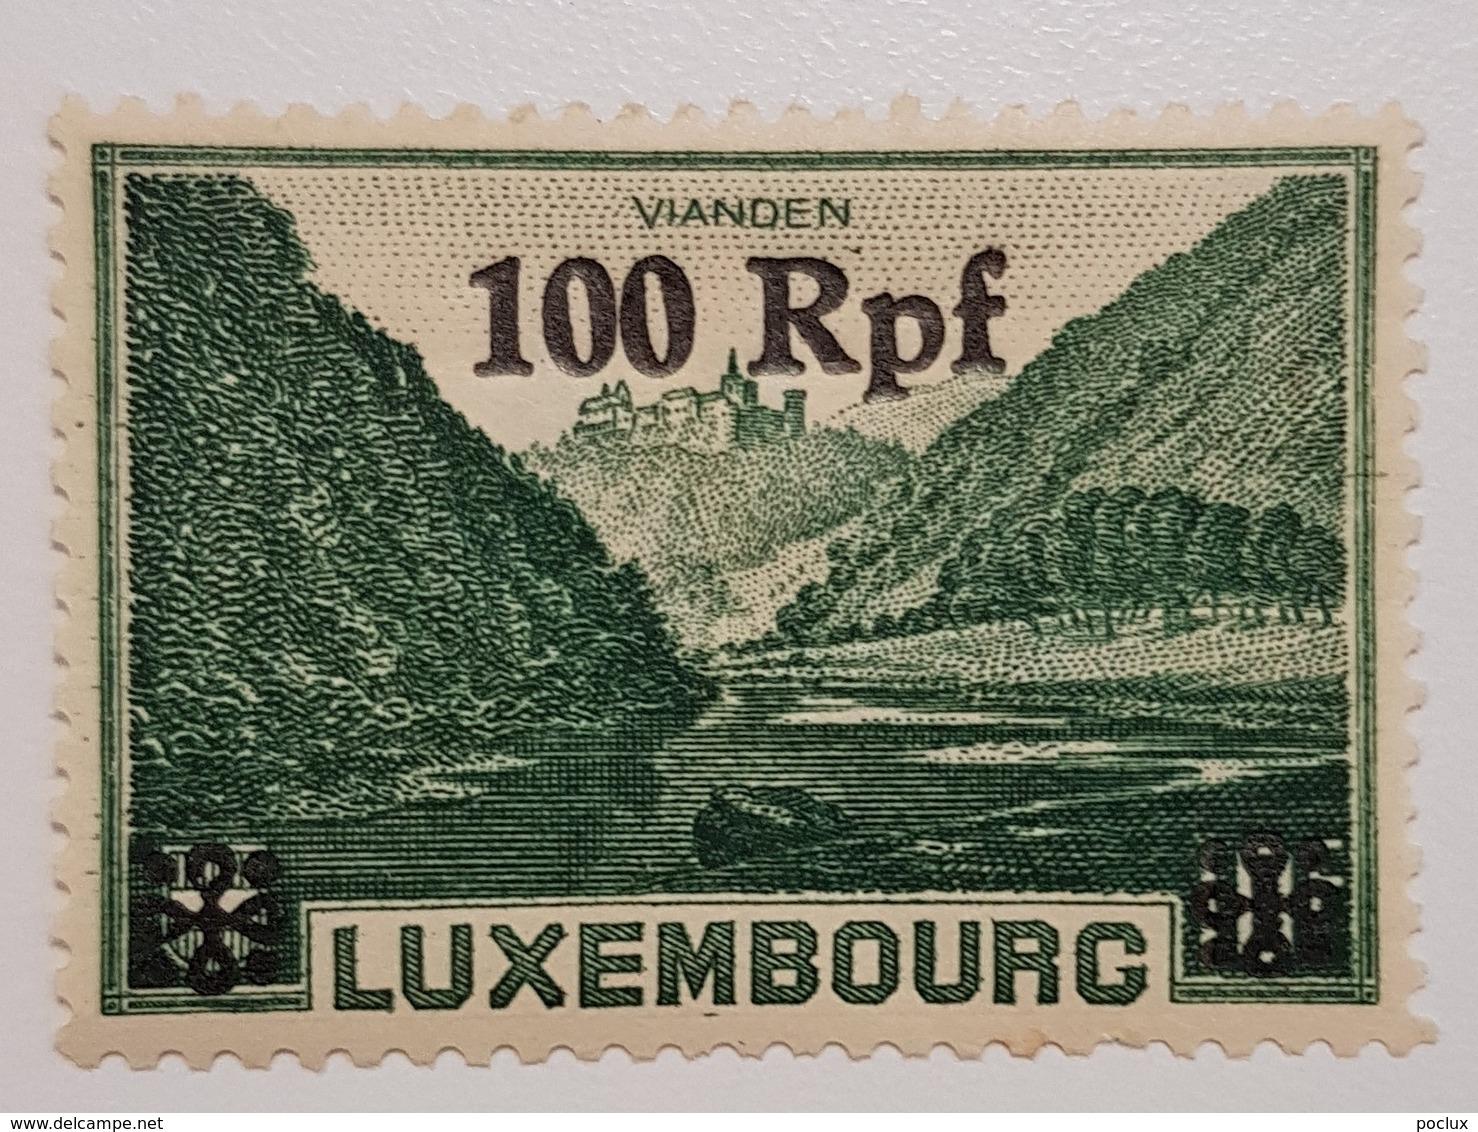 Luxembourg- Occupation Allemande-Vianden 1940 - 1940-1944 Occupation Allemande